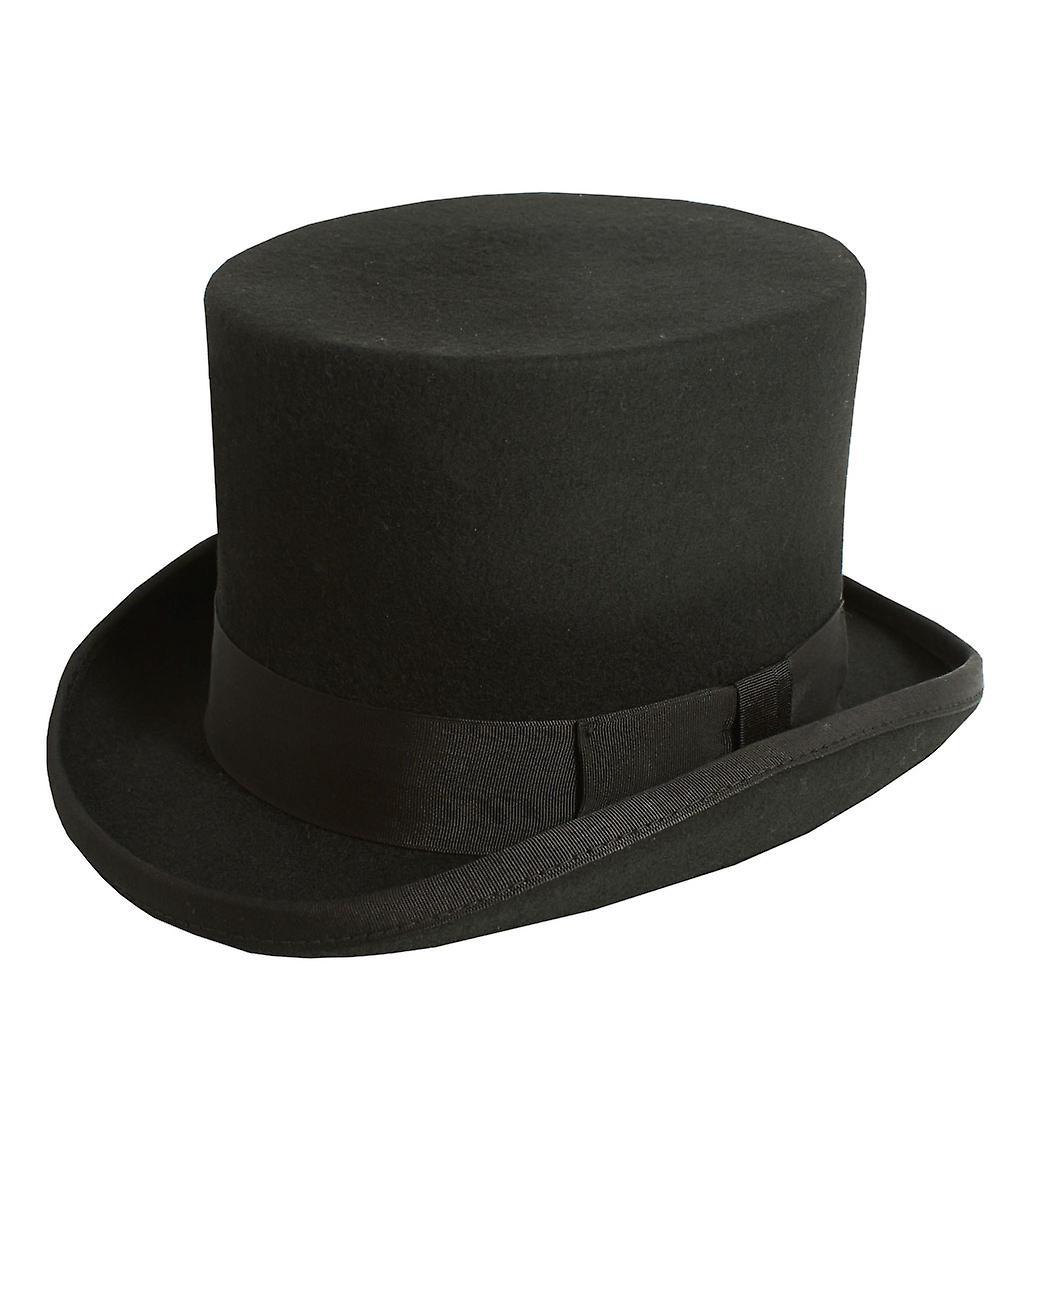 Londres Pour des hommes noir chapeau haut de forme douce laine de Christys feutre courses mariage formel